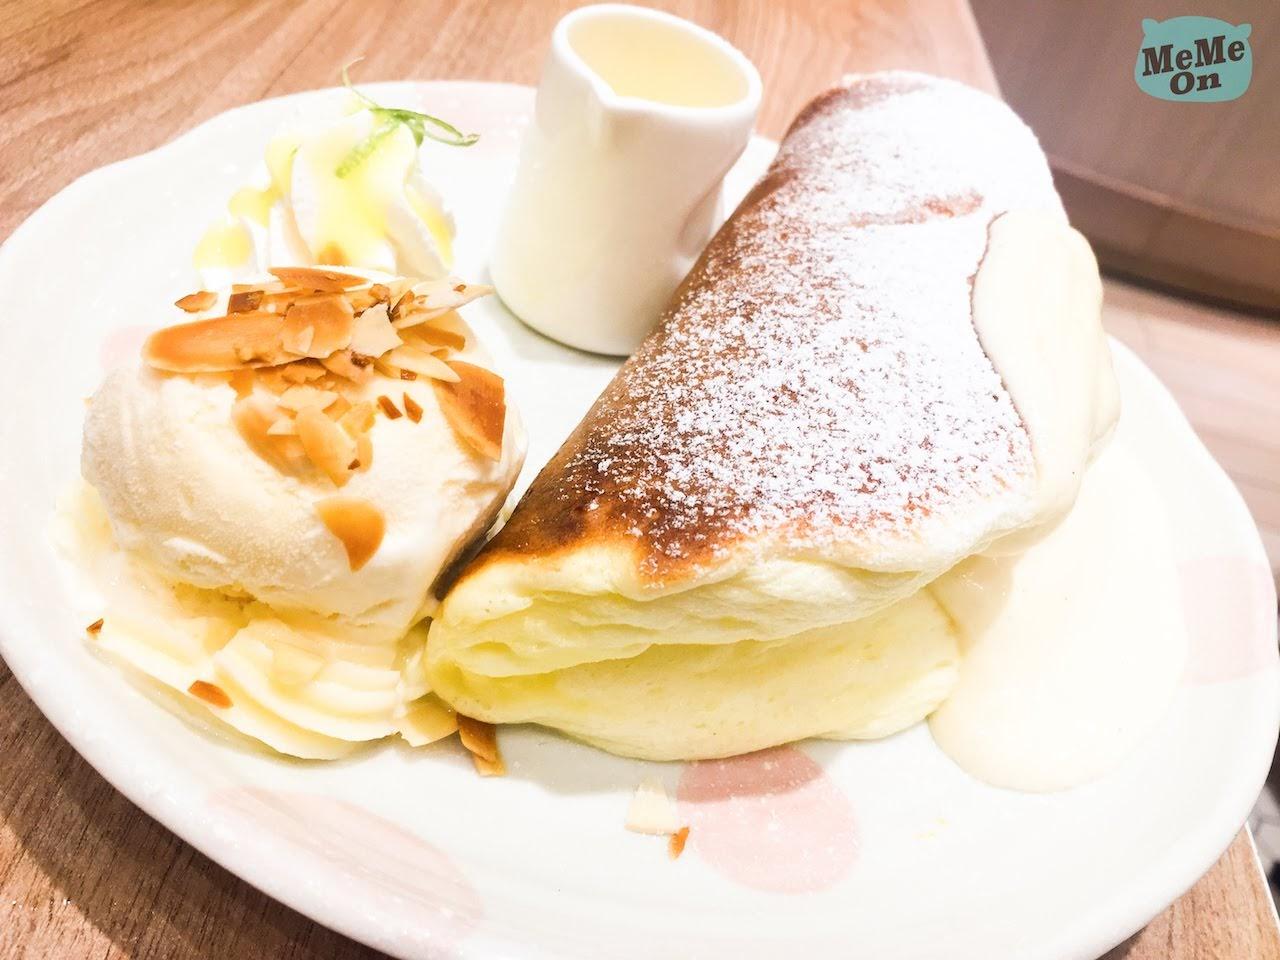 吃貨迷編日記ー關於 舒芙蕾鬆餅 的真心話